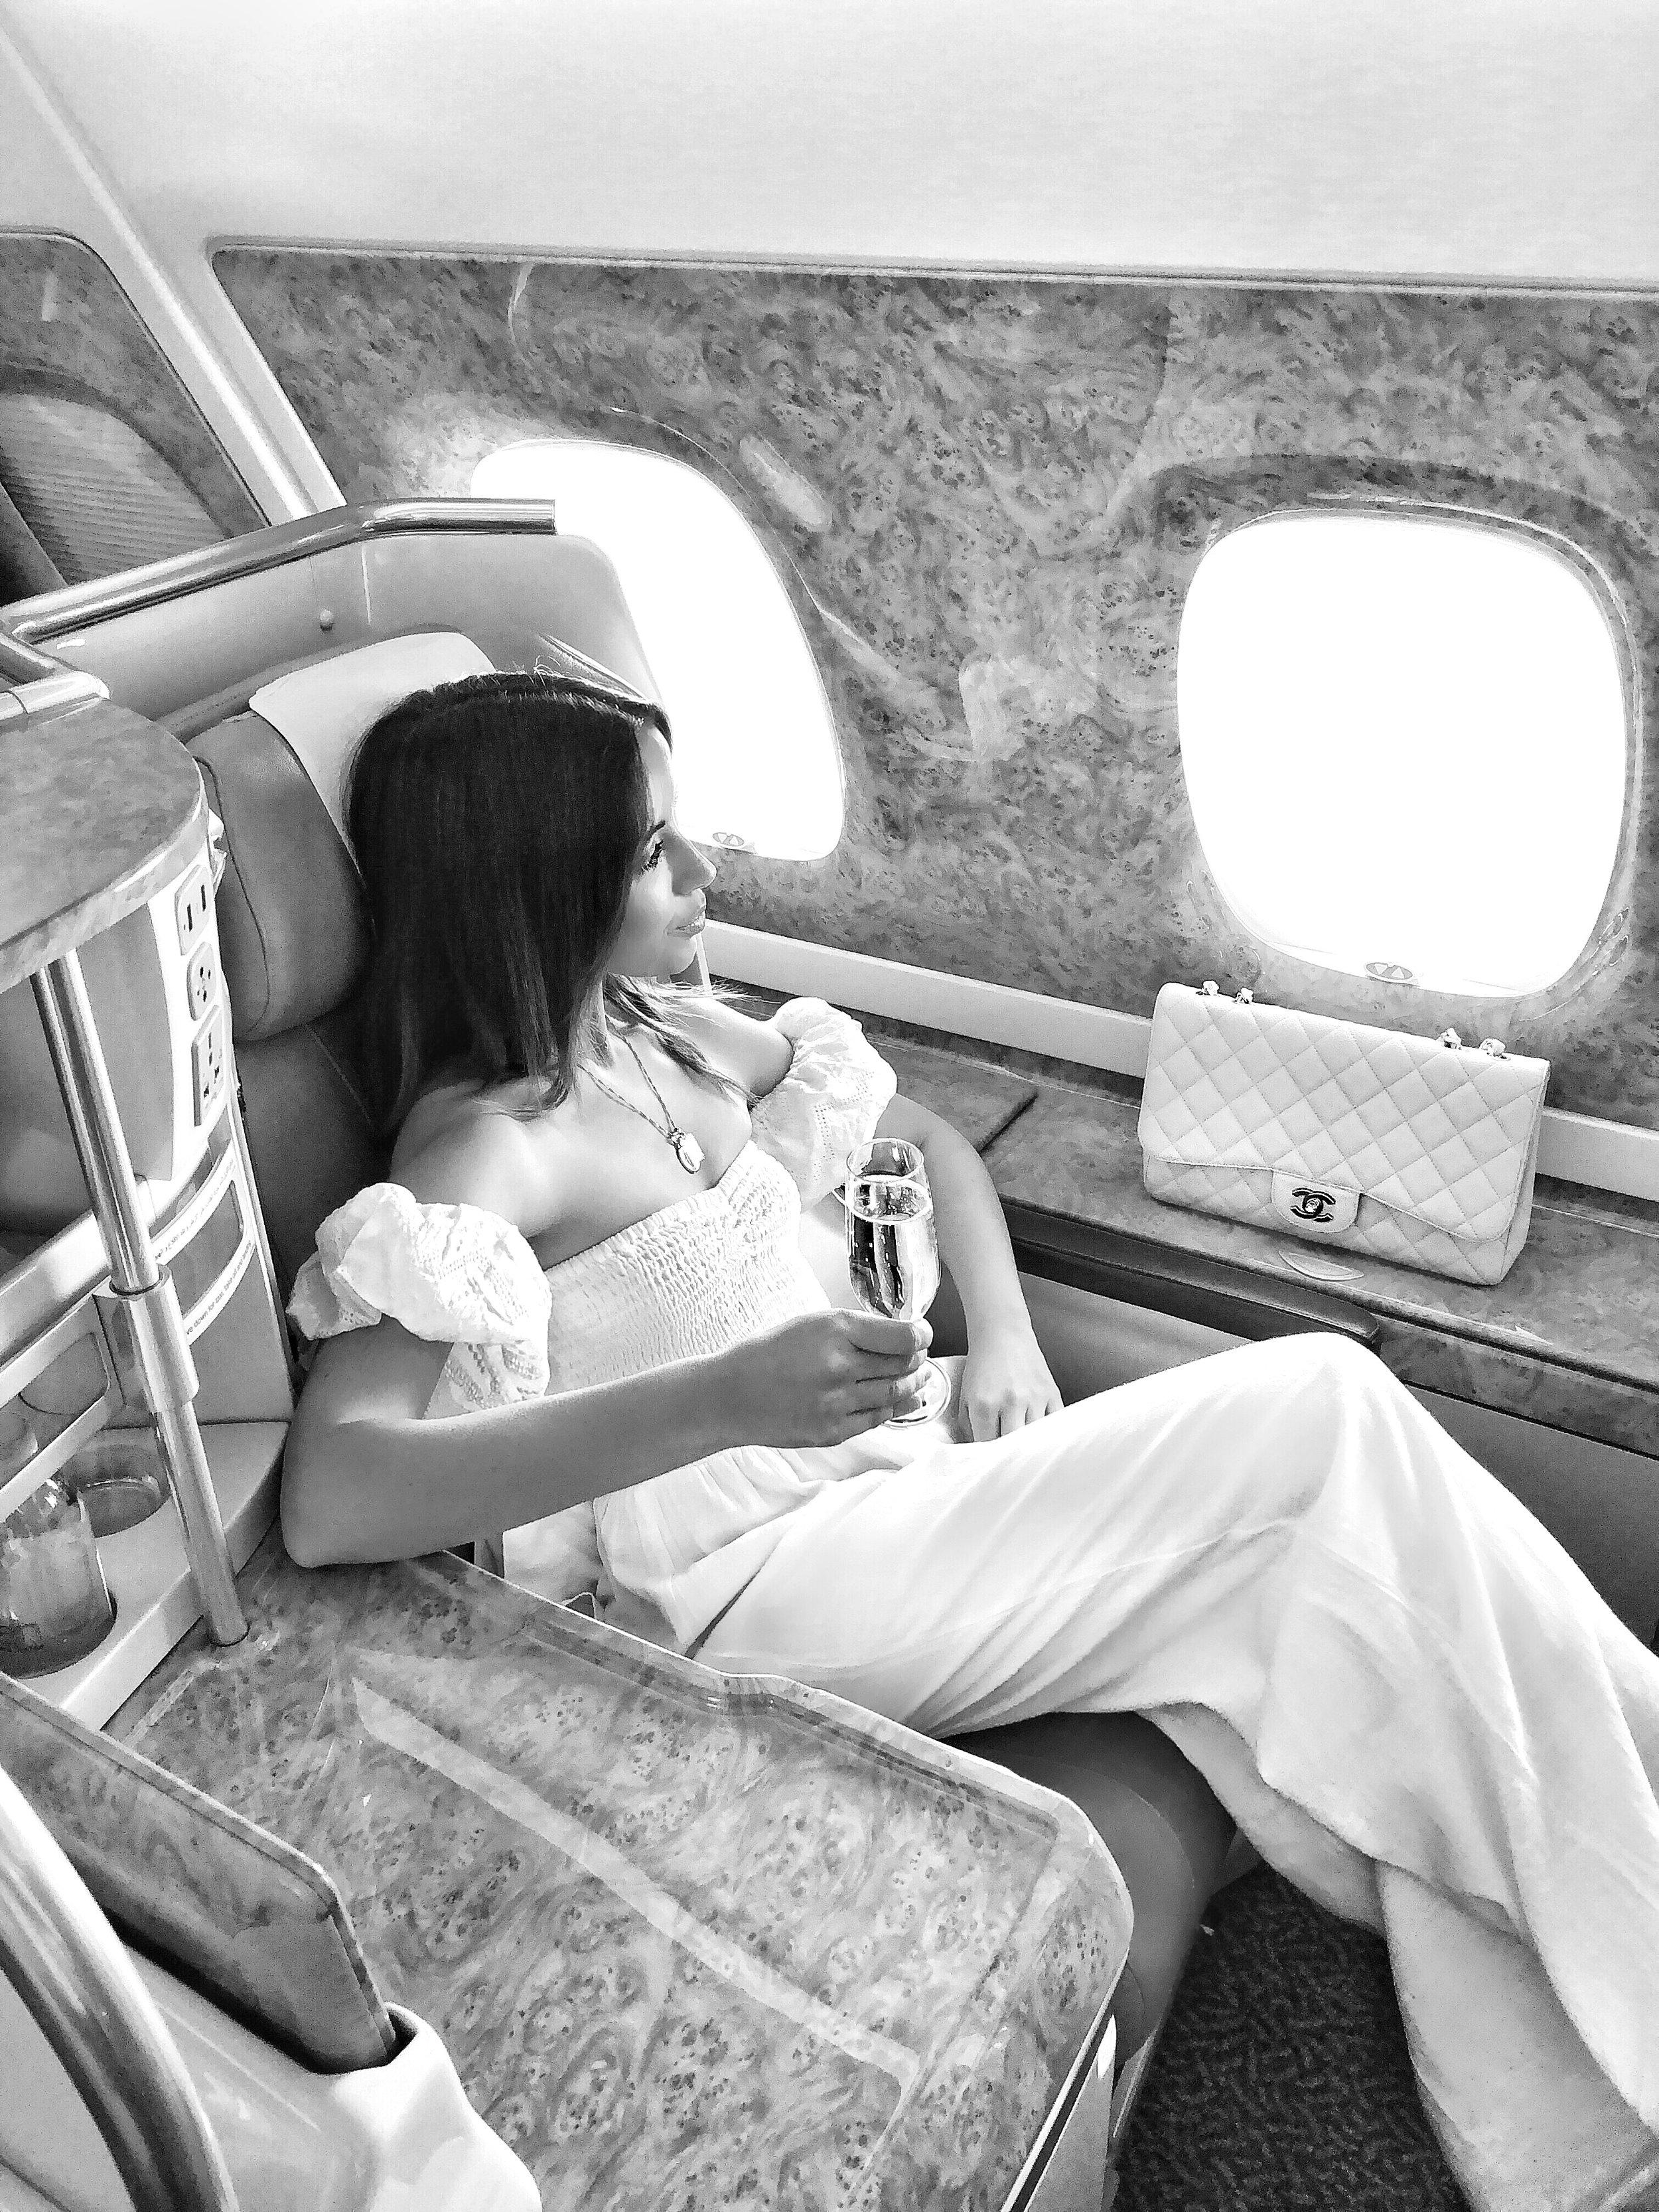 Emirates Business Class on www.friendinfashion.com.au